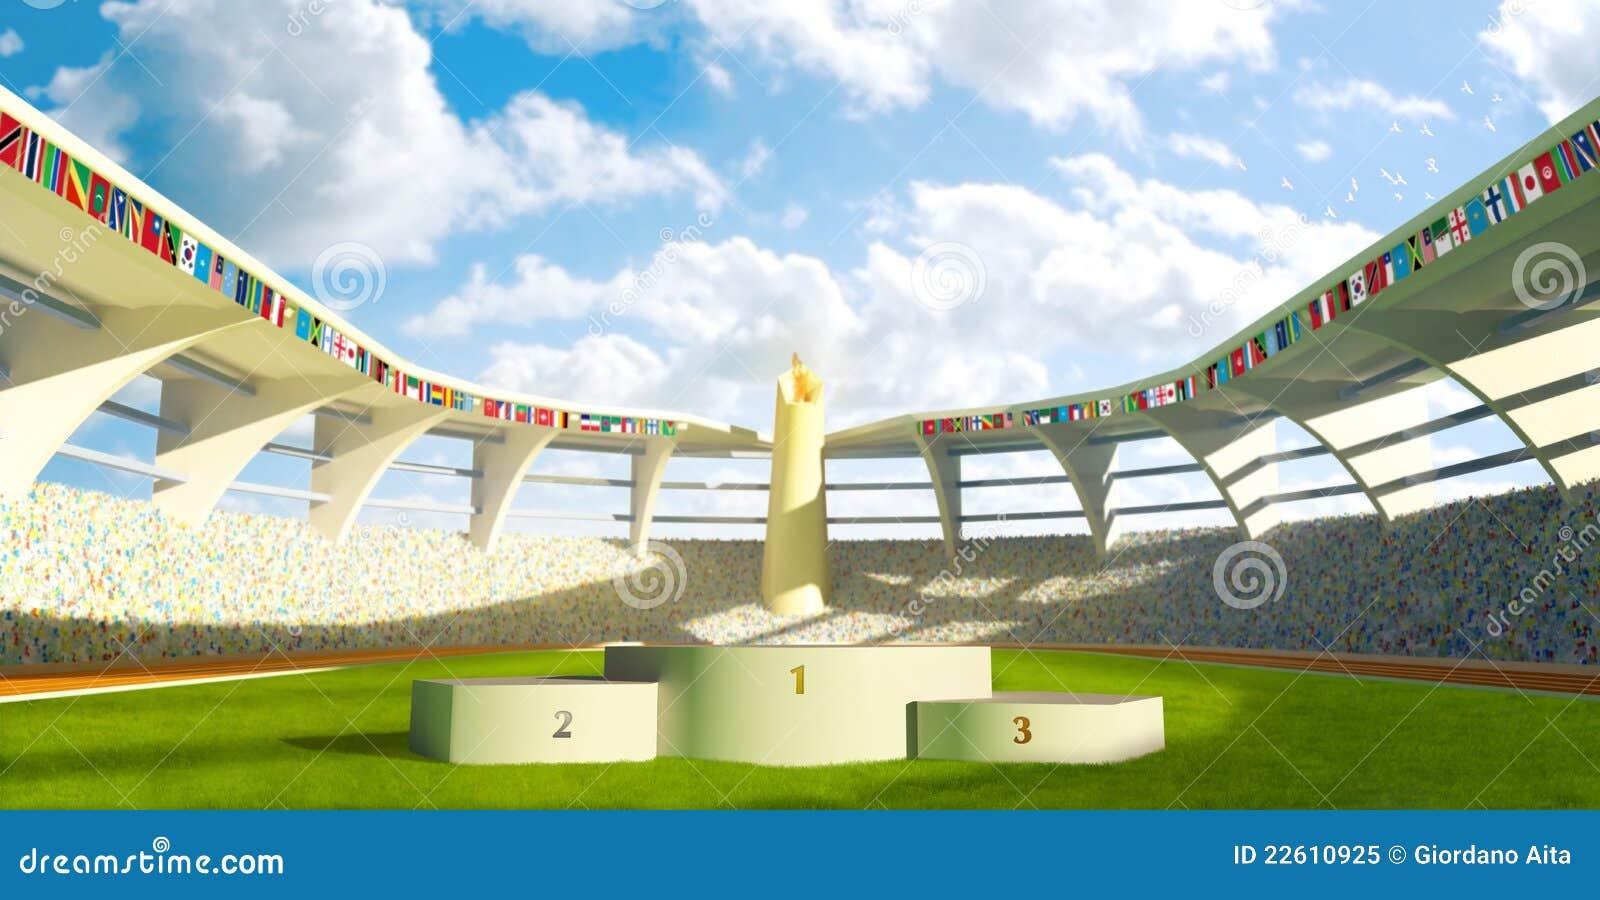 olympic stadium with podium royalty free stock photo